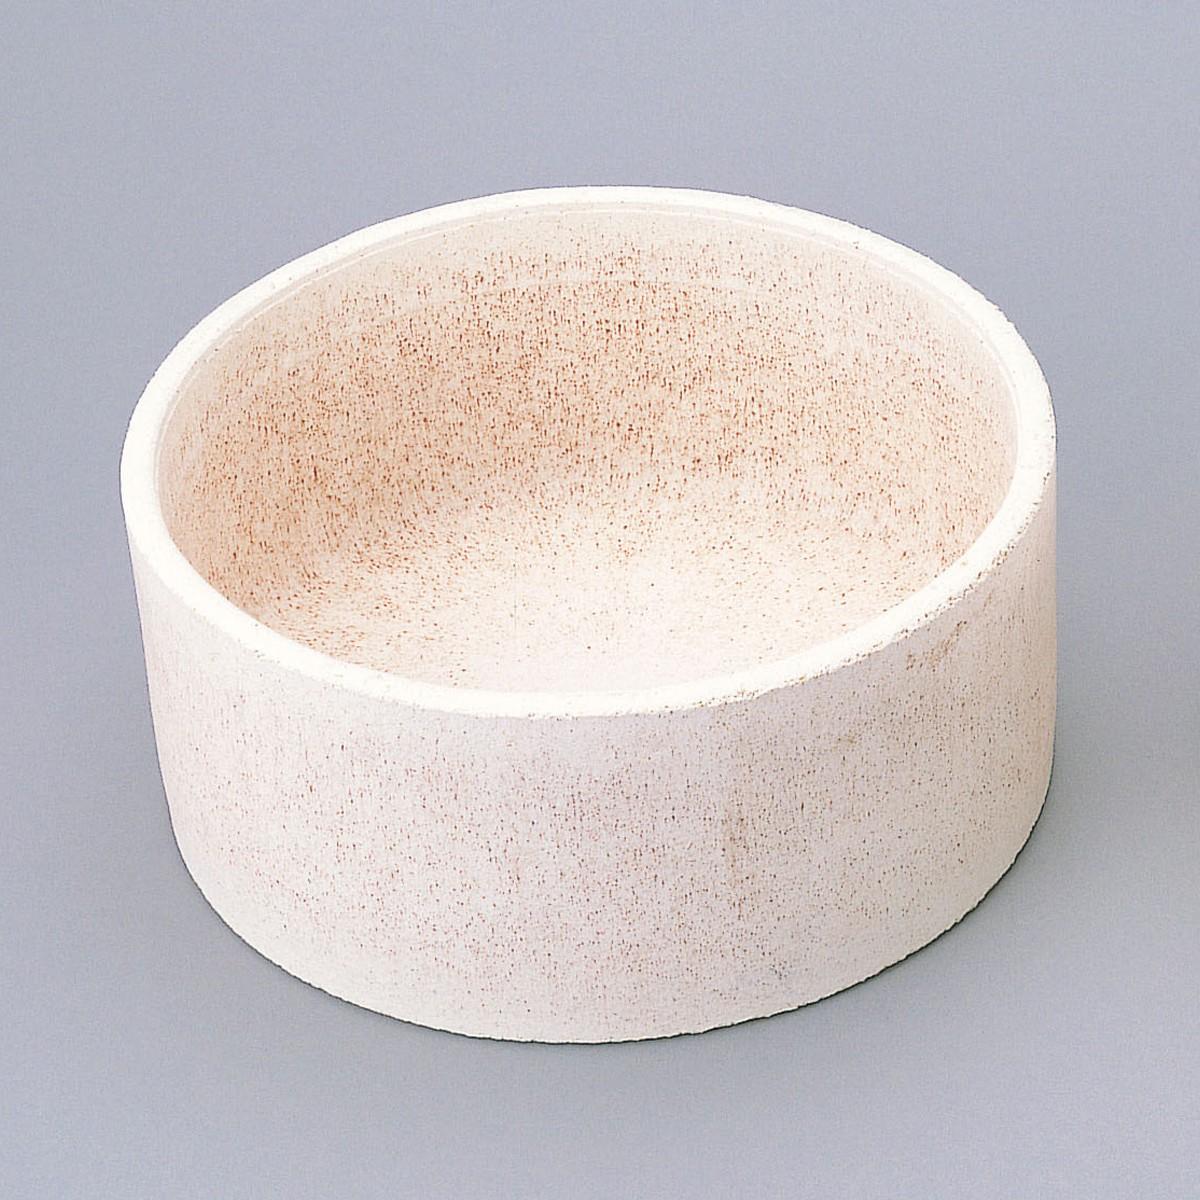 サヤ鉢 丸 2個組 底付き 395mmφ 【 陶芸 陶芸窯 さや 】